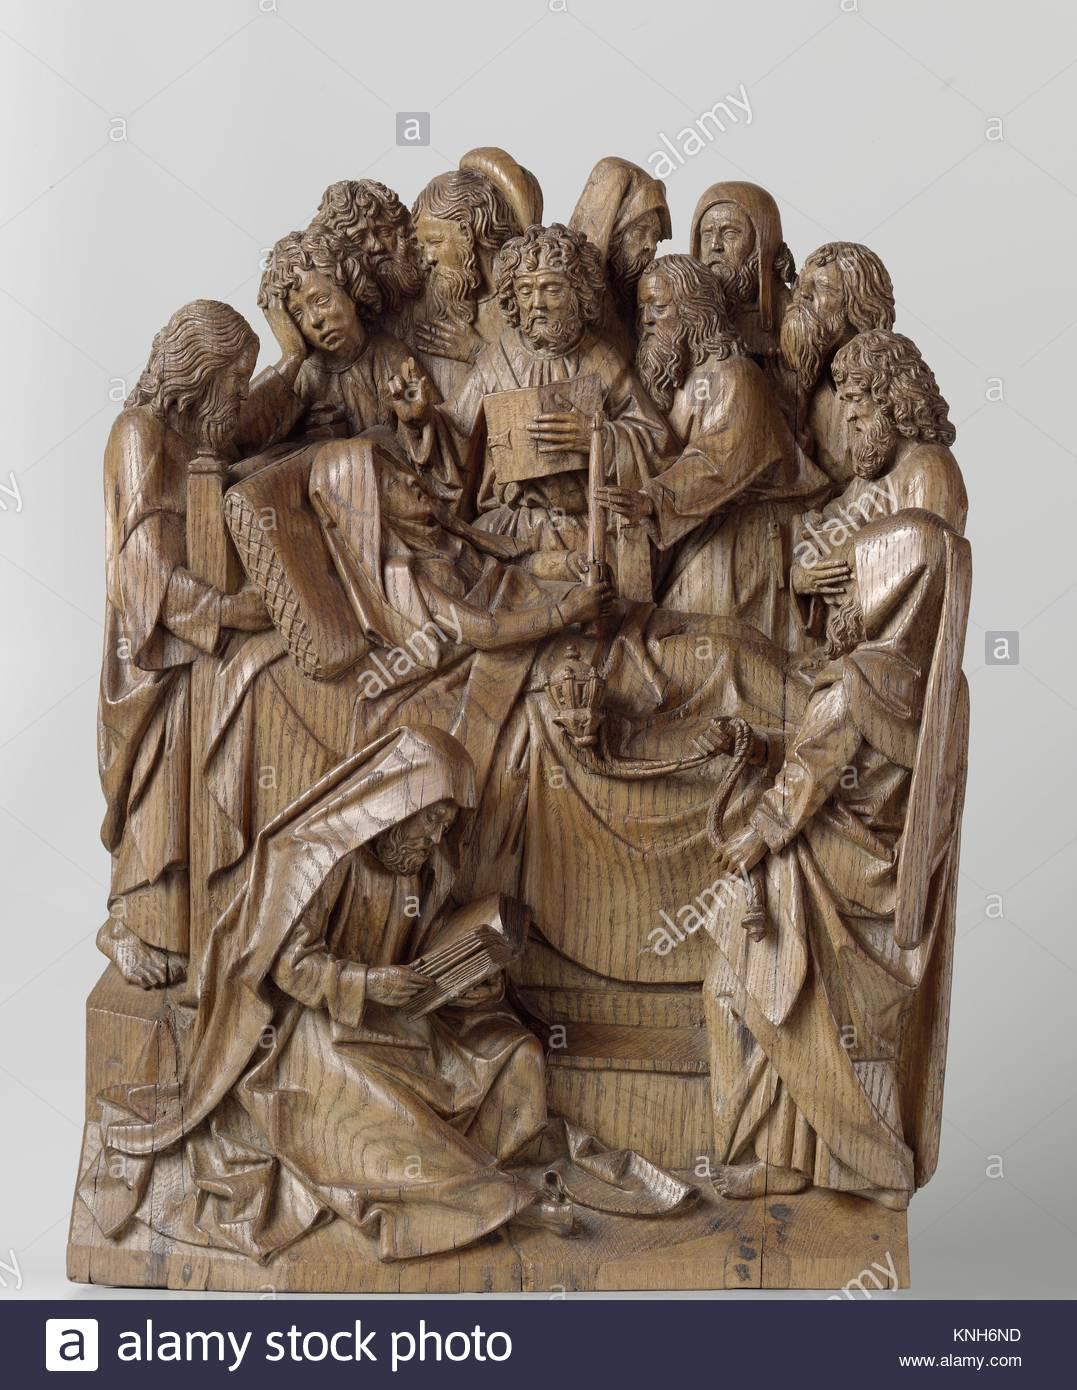 Death of the Virgin, Adriaen van Wesel, c. 1475 - c. 1477 - Stock Image